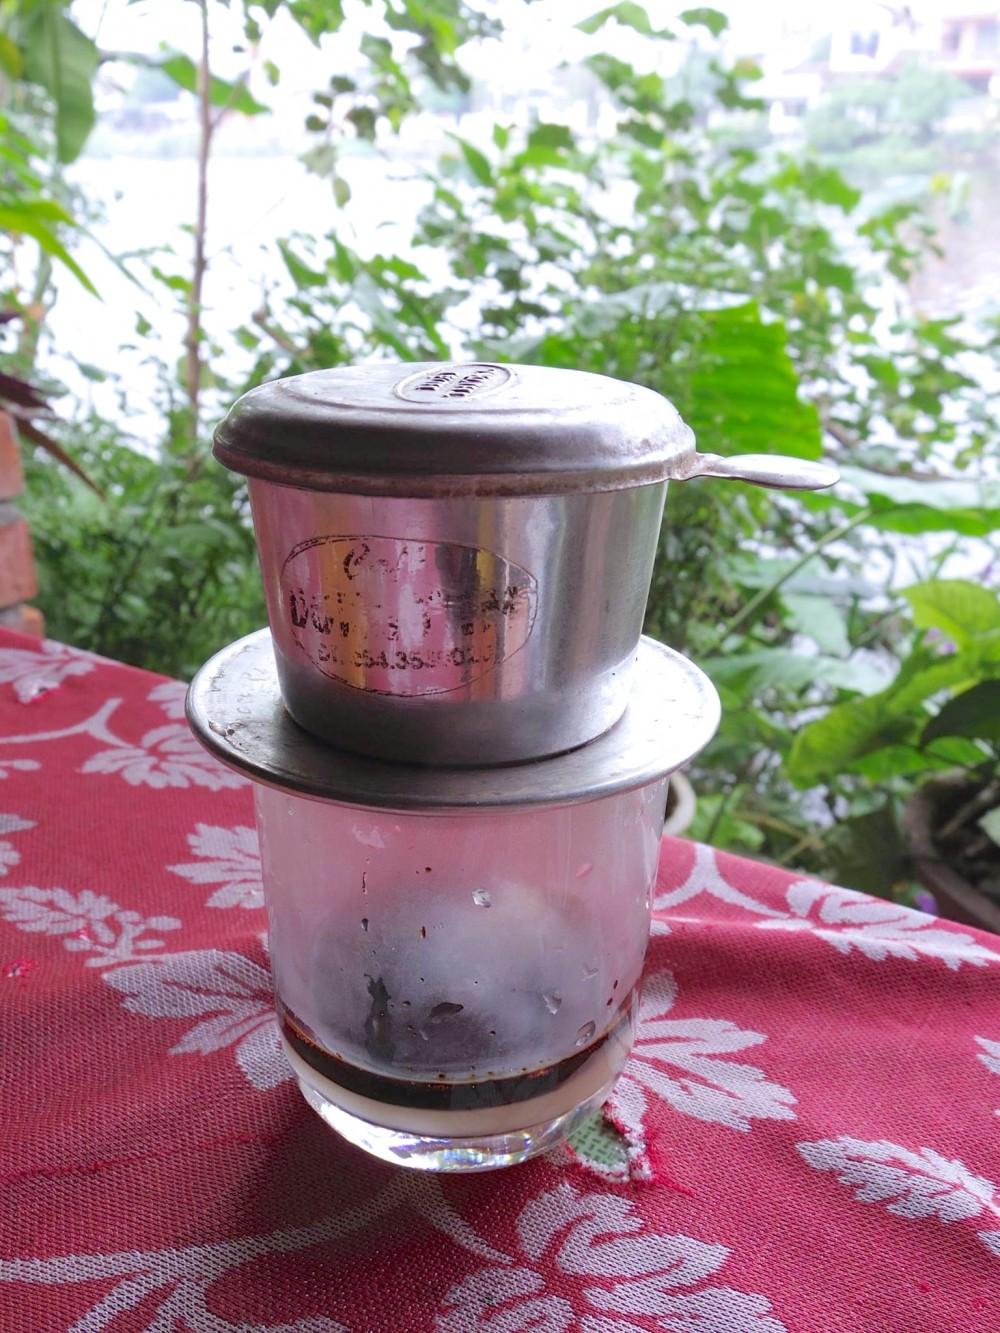 ベトナムコーヒー。いつも出来上がったコーヒーが運ばれてくることが多かったので、この形で出てきたのは初めて。ベトナムコーヒー、好きすぎる